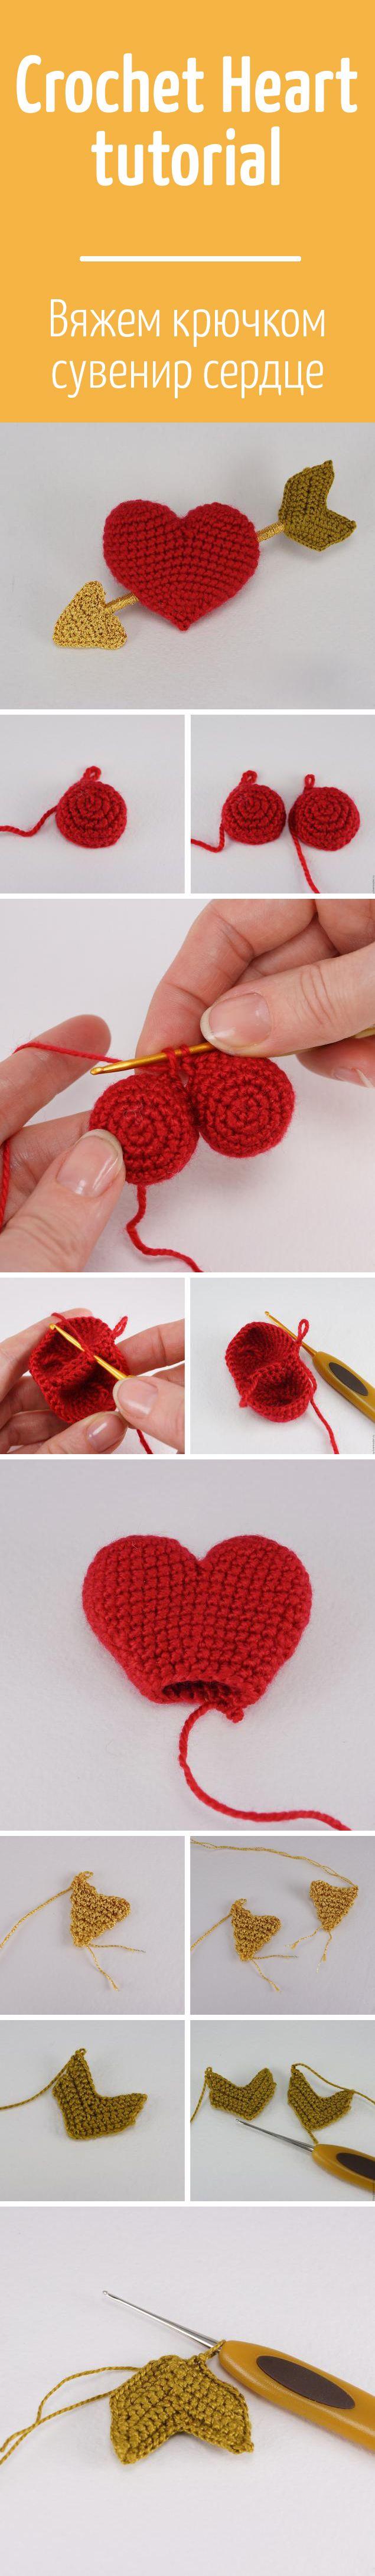 Вяжем крючком романтичный сувенир — сердечко / Crochet Heart tutorial